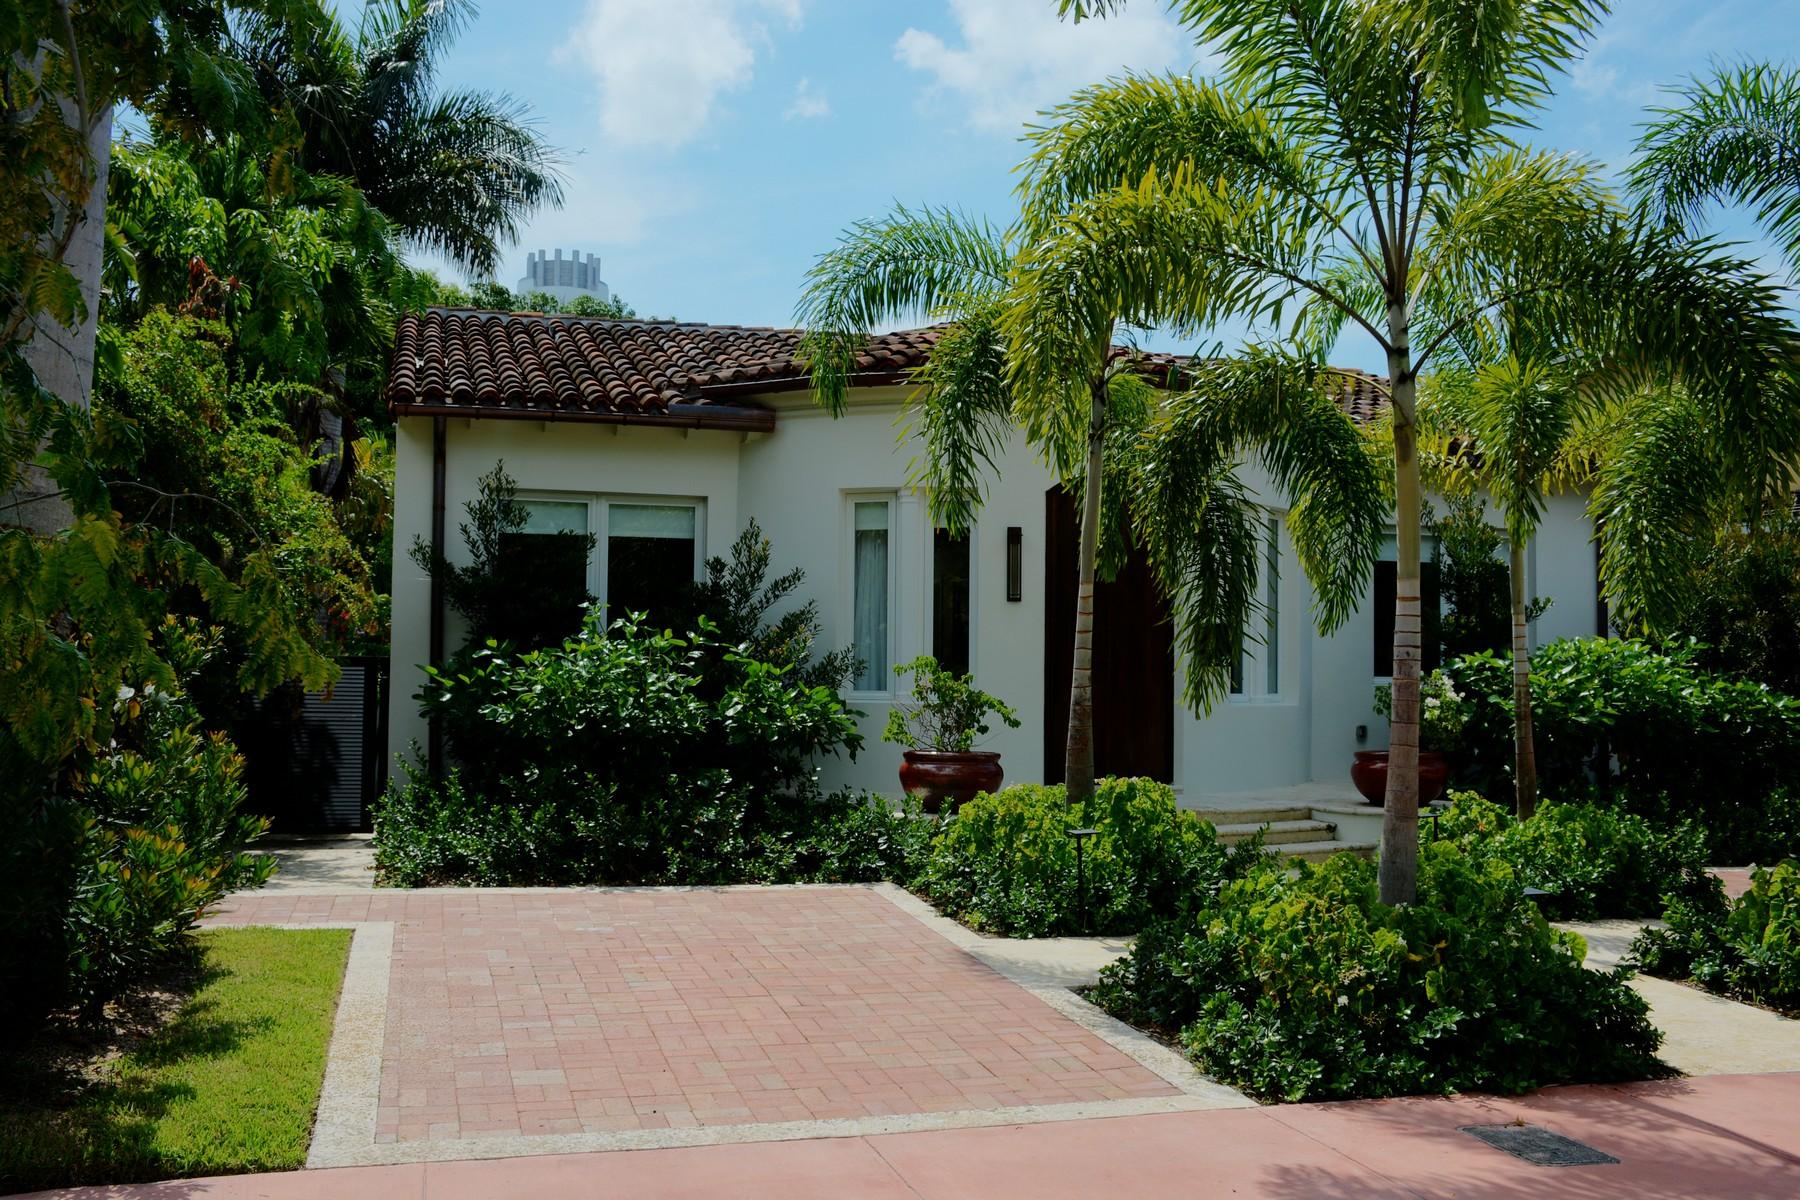 Casa para uma família para Venda às 4427 ROYAL PALM AVE Miami Beach, Florida 33140 Estados Unidos